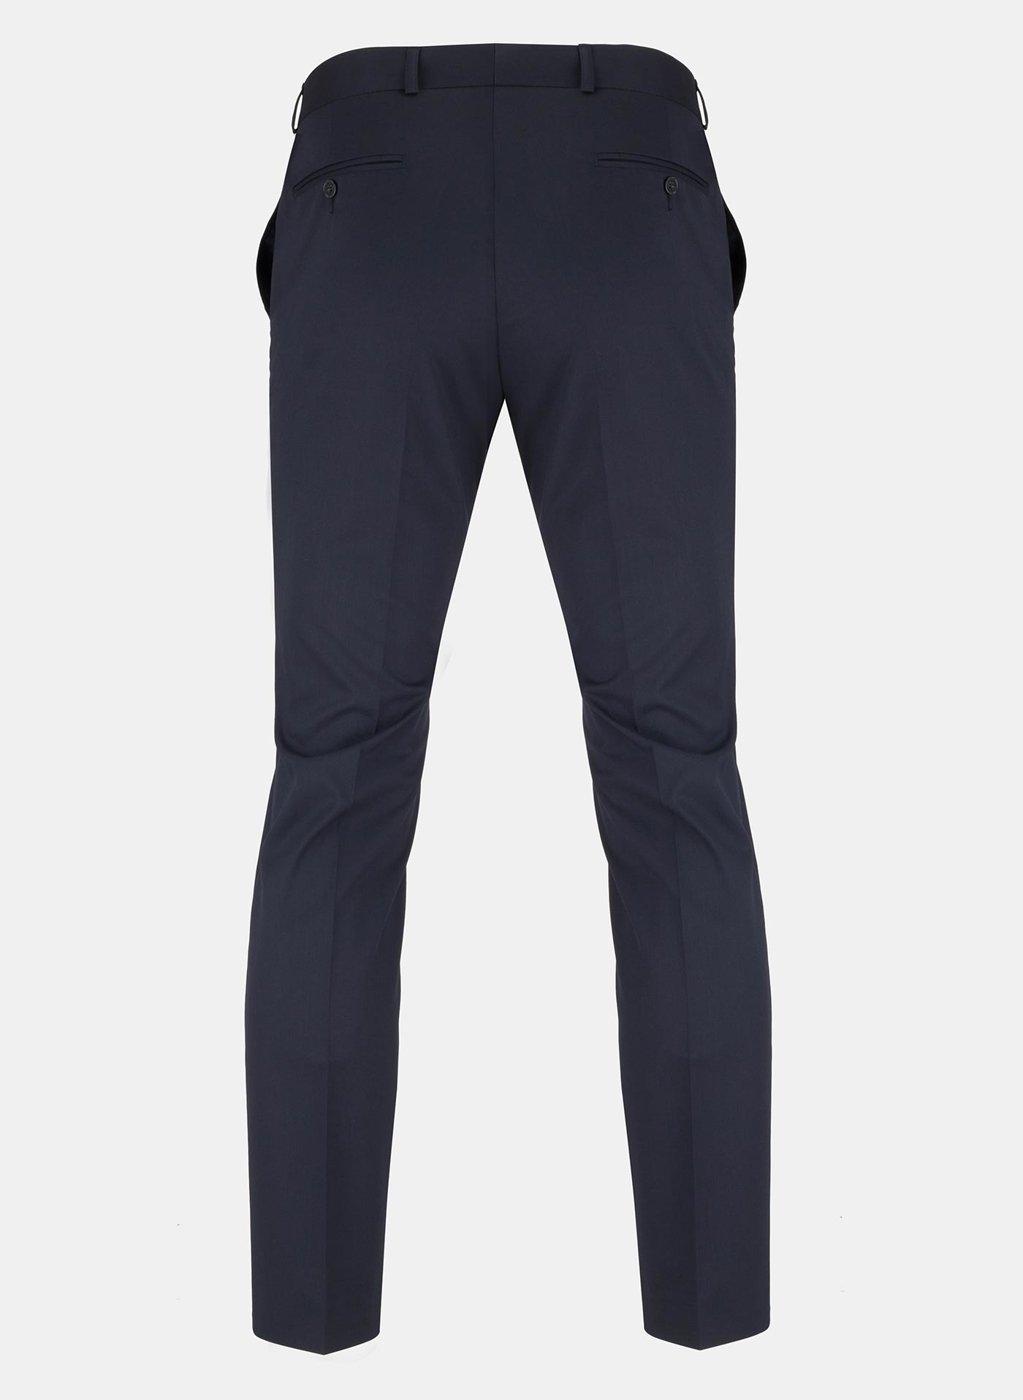 Spodnie męskie garniturowe KOZEUS PLM-6G-194-G